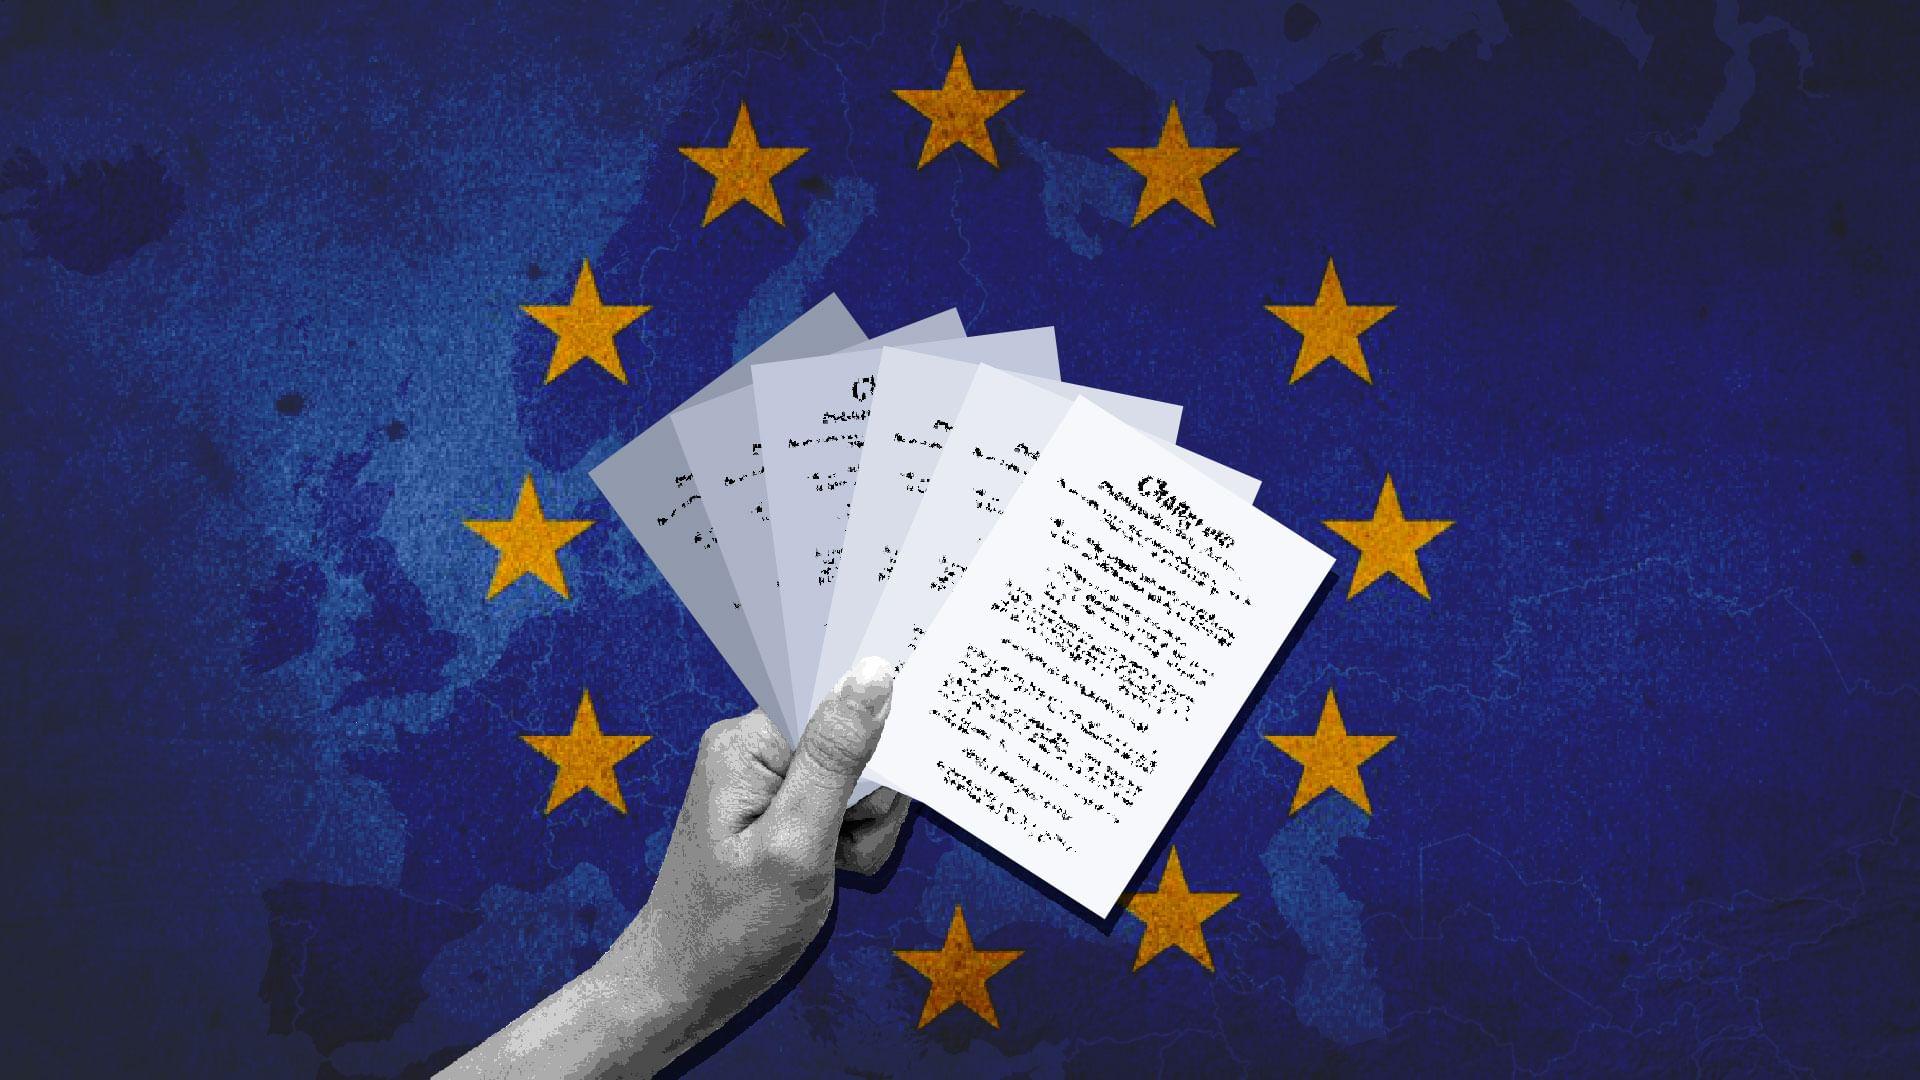 Europawahl: Die Parteien und ihre Wahlprogramme